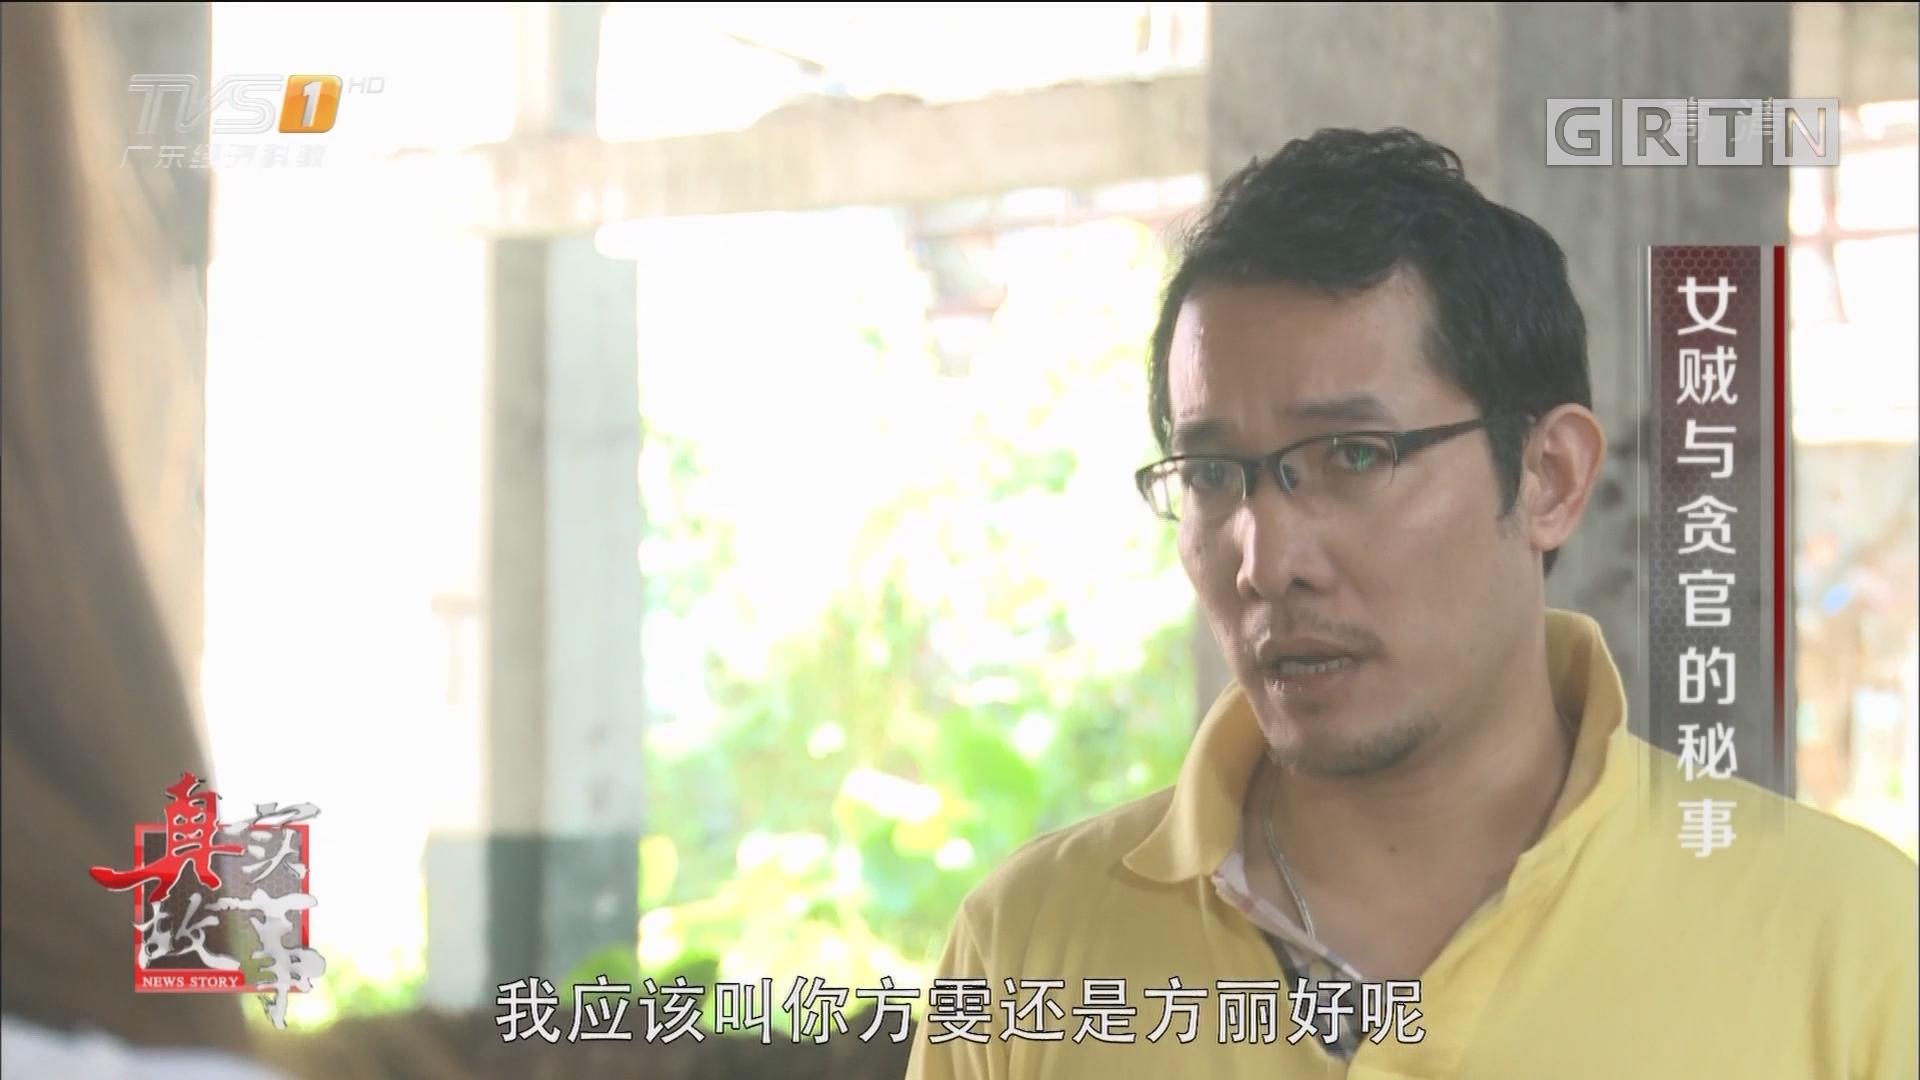 [HD][2018-01-23]真实故事:女贼与贪官的秘事